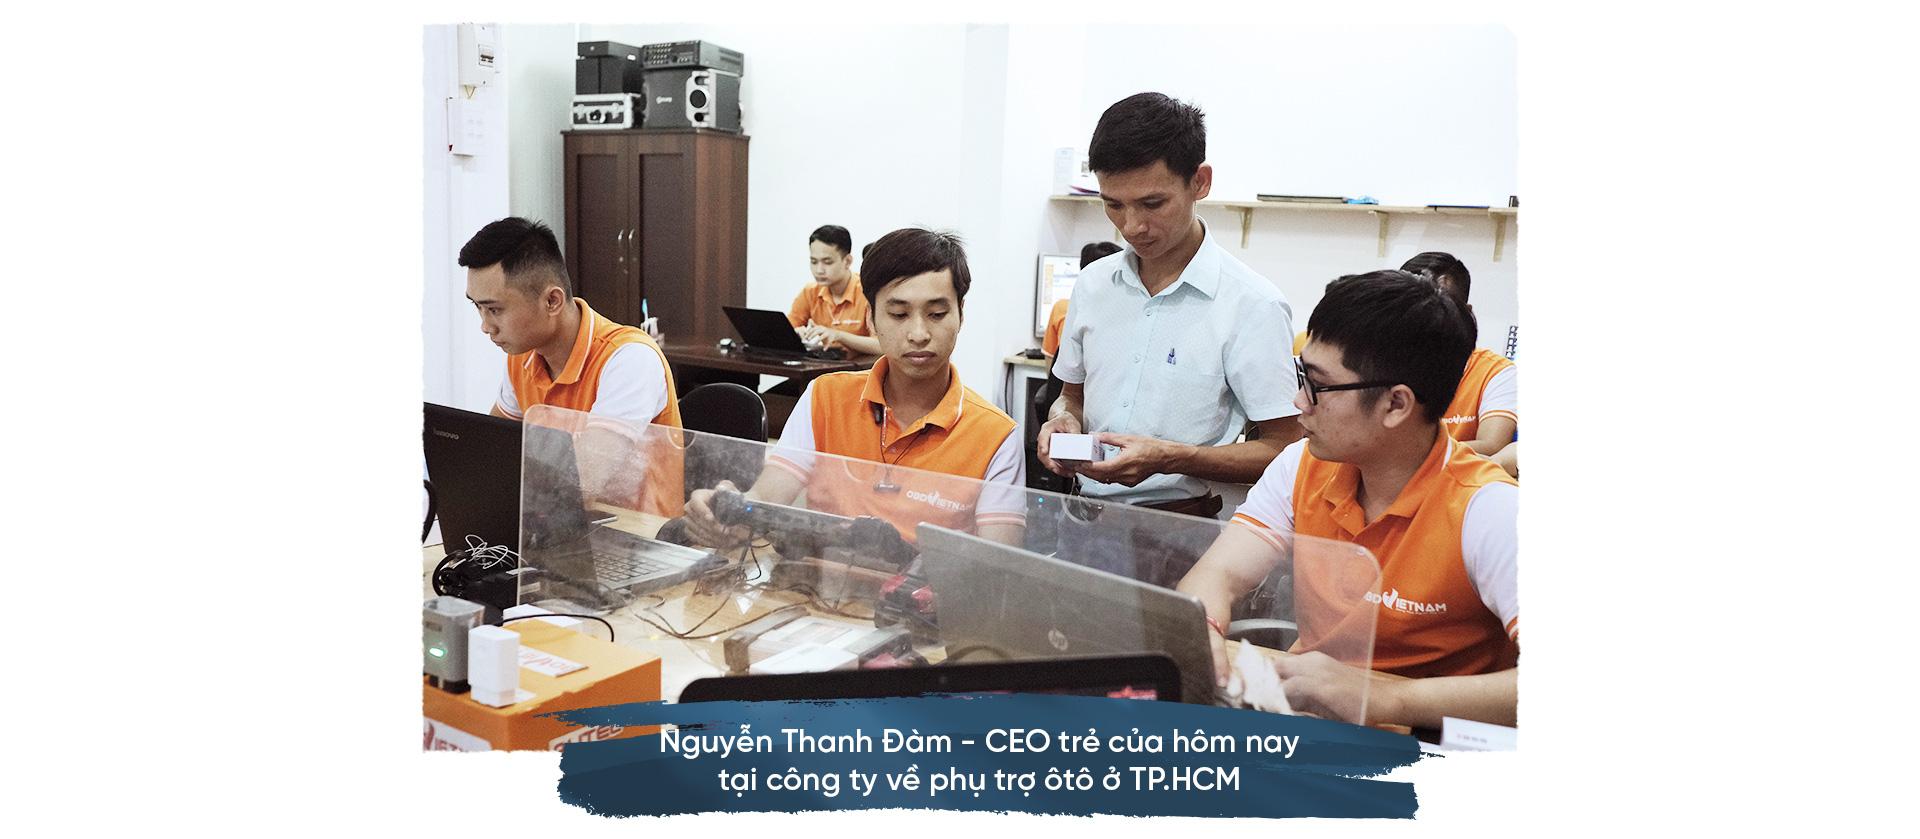 Nguyễn Thanh Đàm: Ở tận cùng đớn đau, là hi vọng - Ảnh 2.